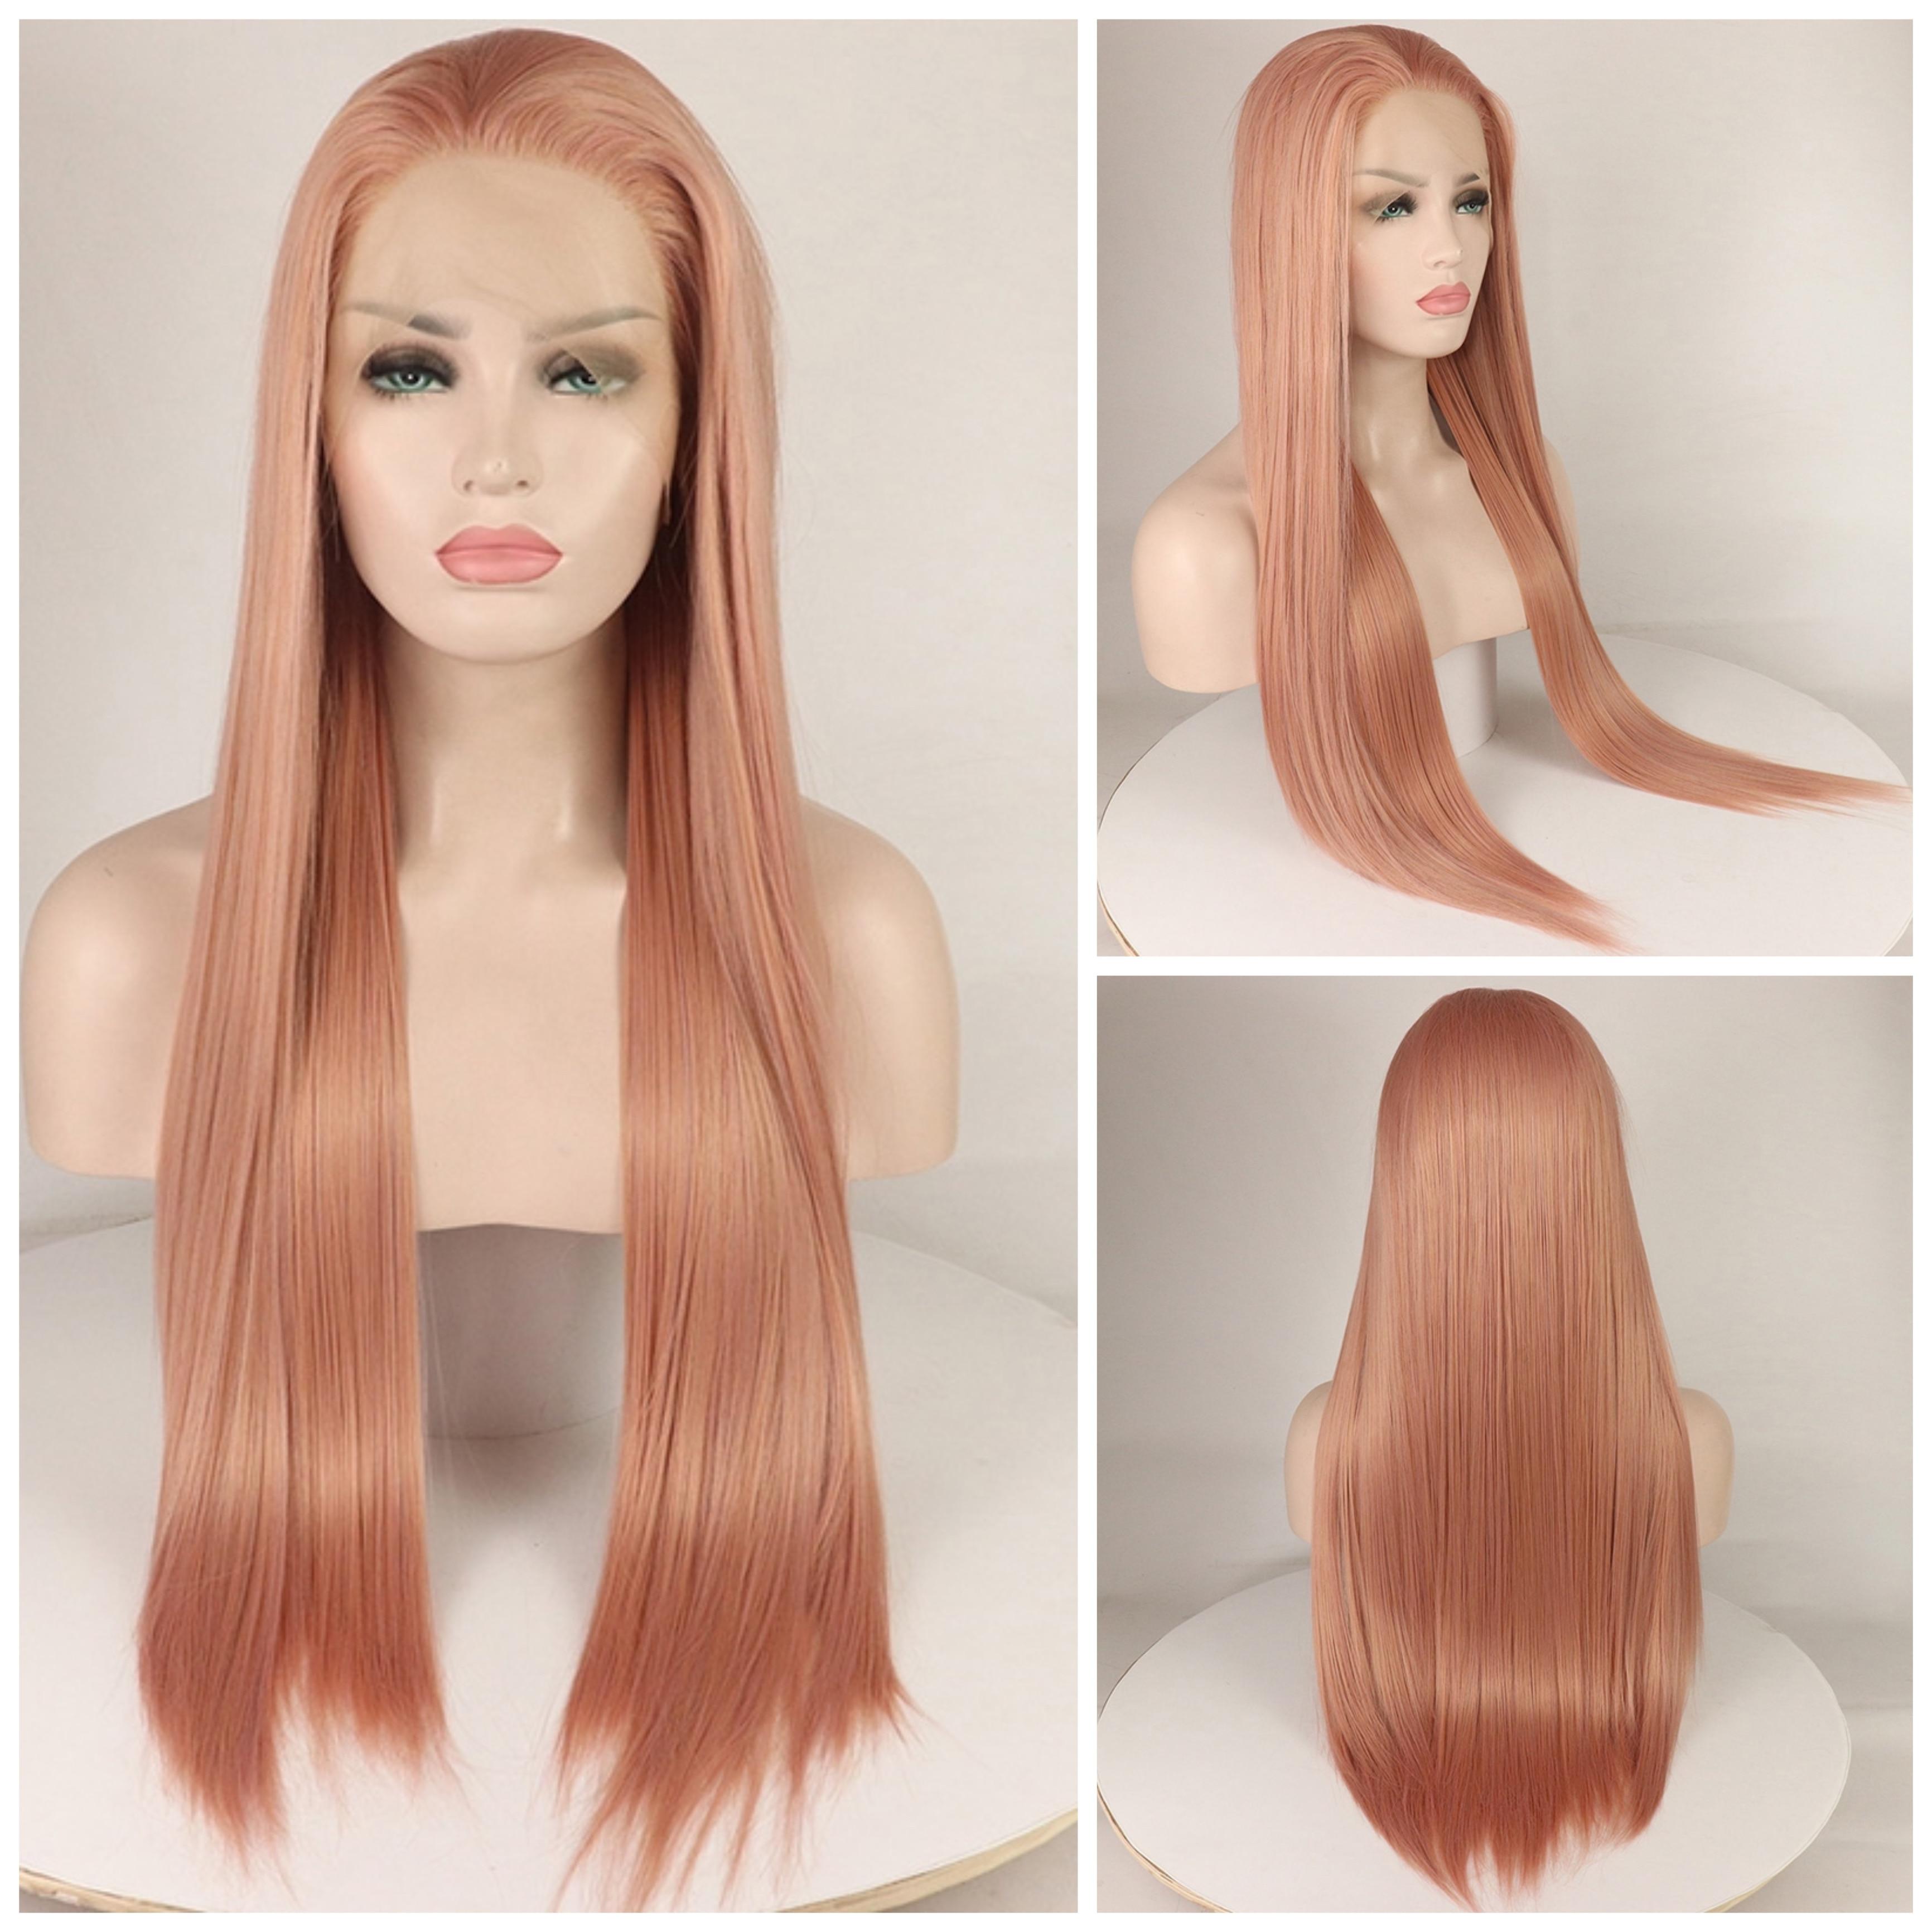 26 pulgadas atado a mano de color claro libre parte de fibra de futuro pelucas largas rectas resistentes al calor Synthetic13×4 pelucas frontales de encaje